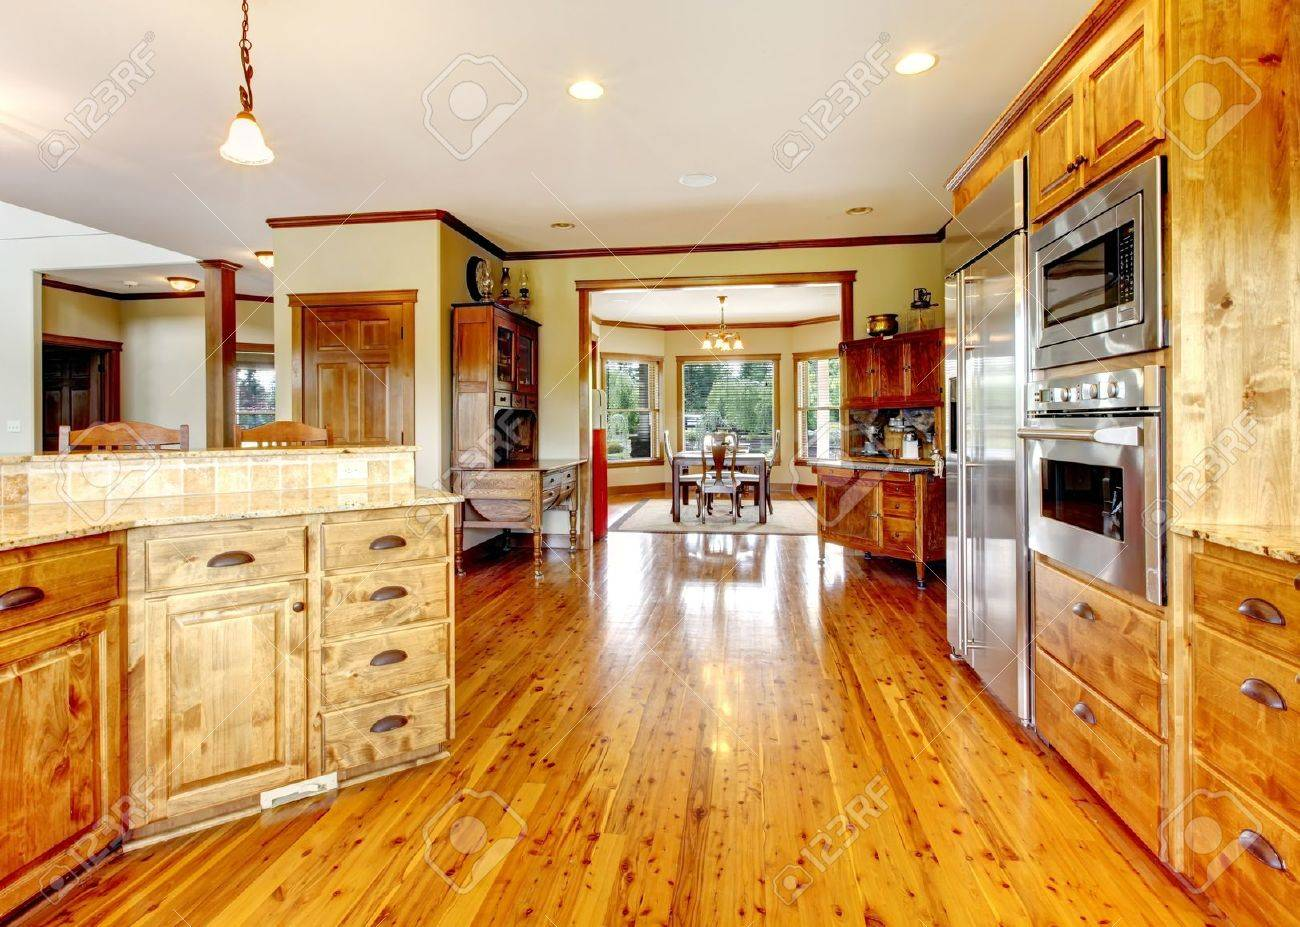 lujo de casas de madera interior de la cocina new american farm casa foto